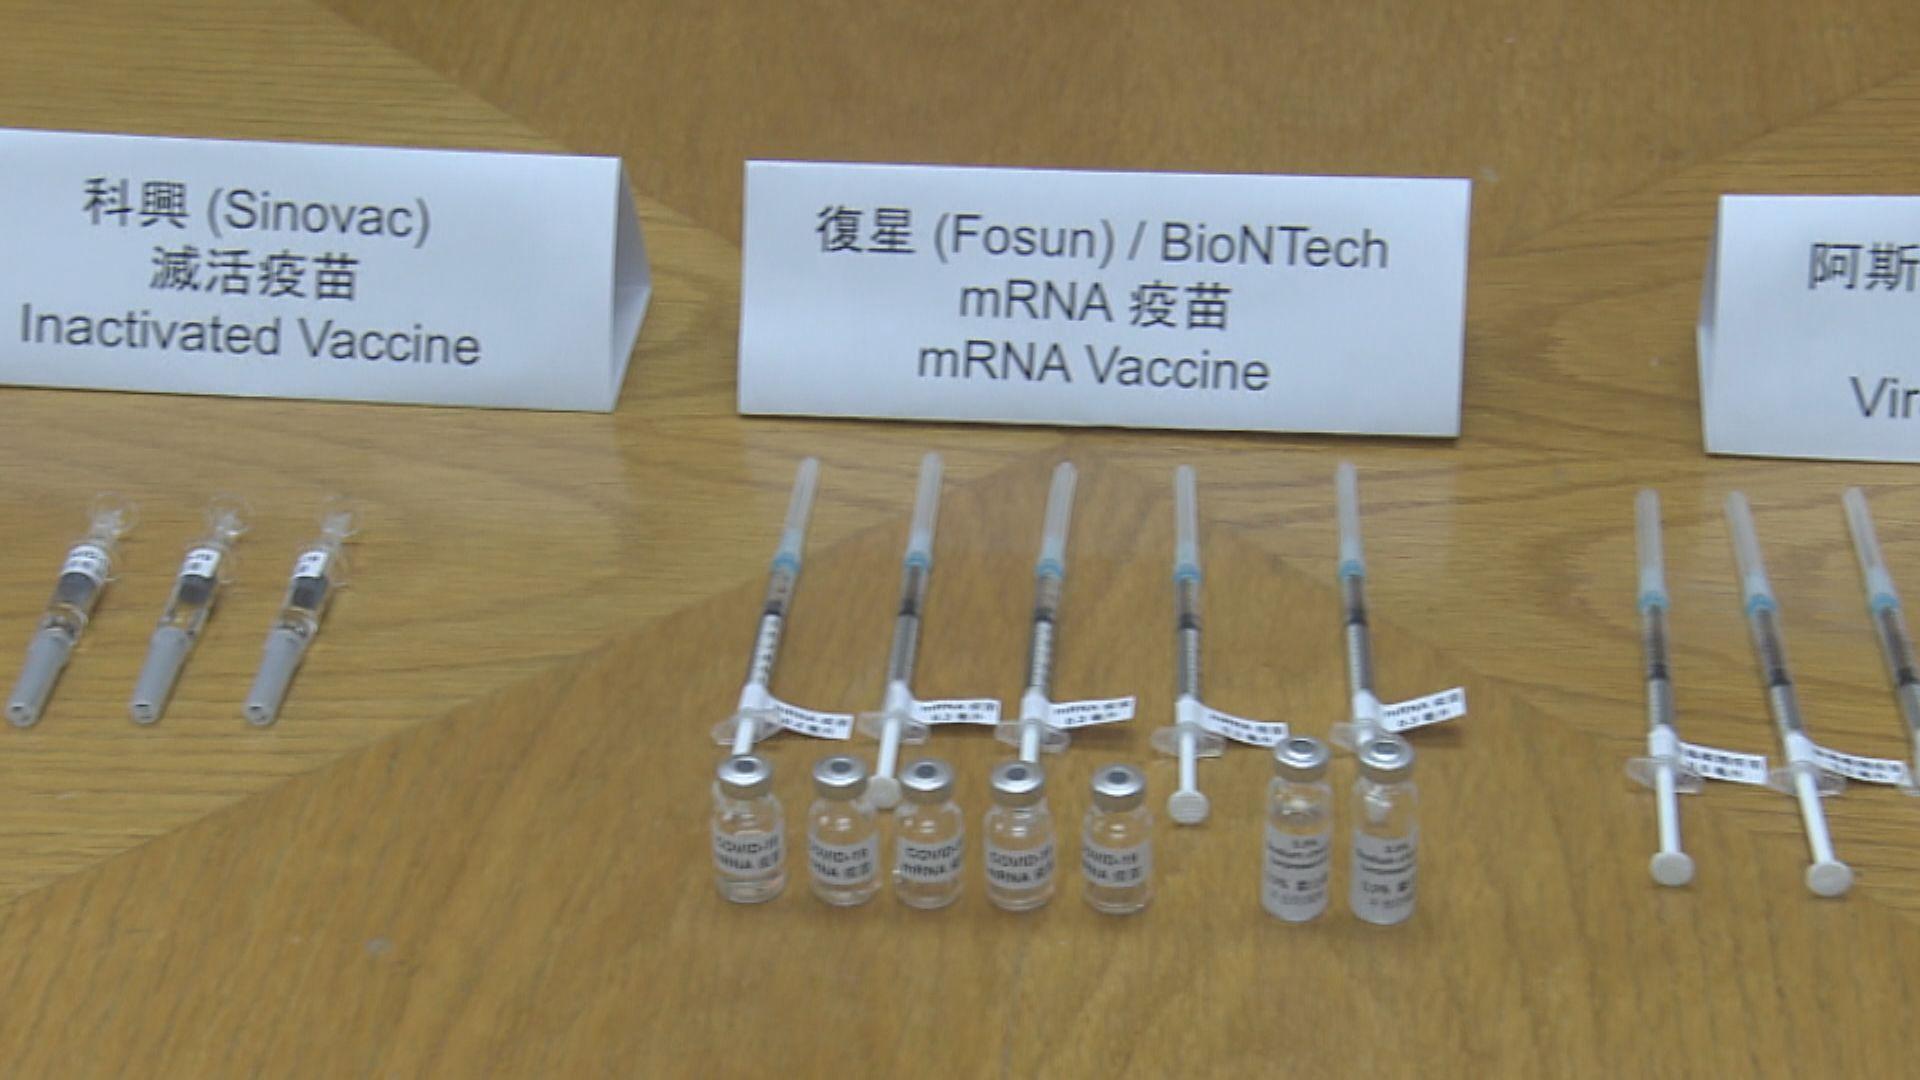 袁國勇等報章撰文 指三款疫苗未必能阻無症狀感染